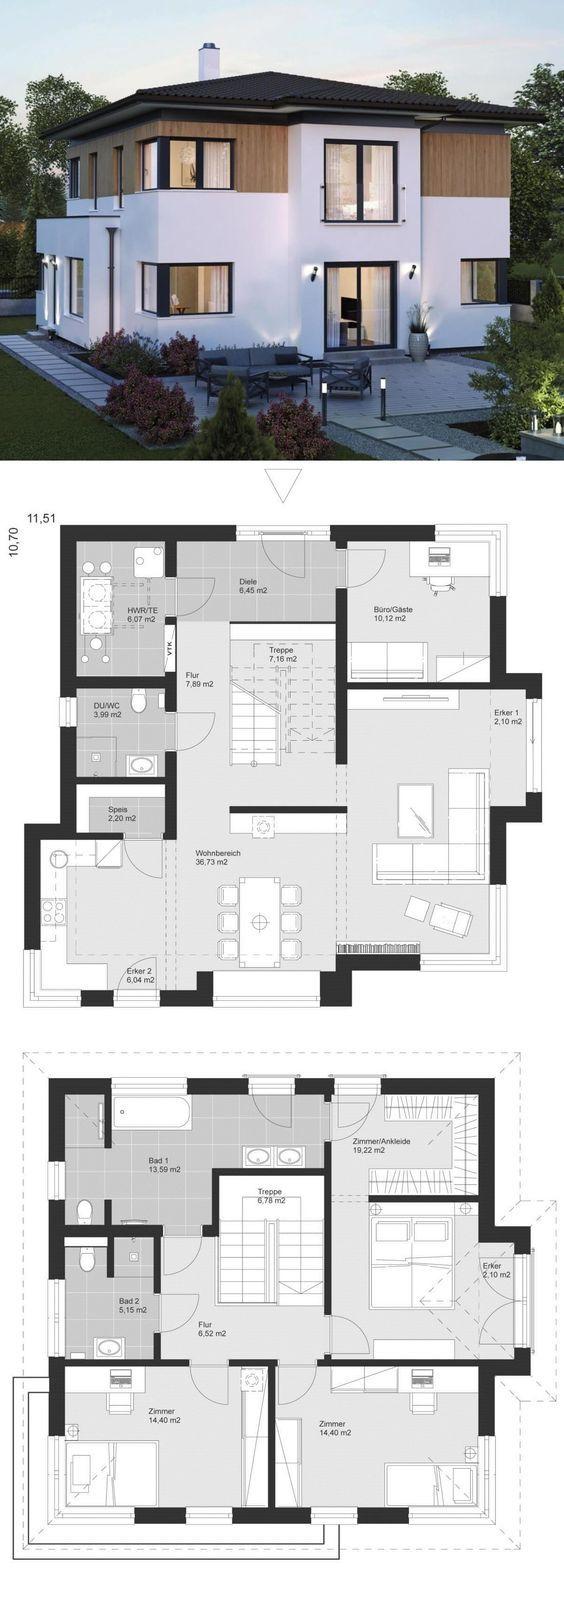 Fertighaus Stadtvilla modern ELK Haus 161 - ELK Fertighaus | HausbauDirekt.de